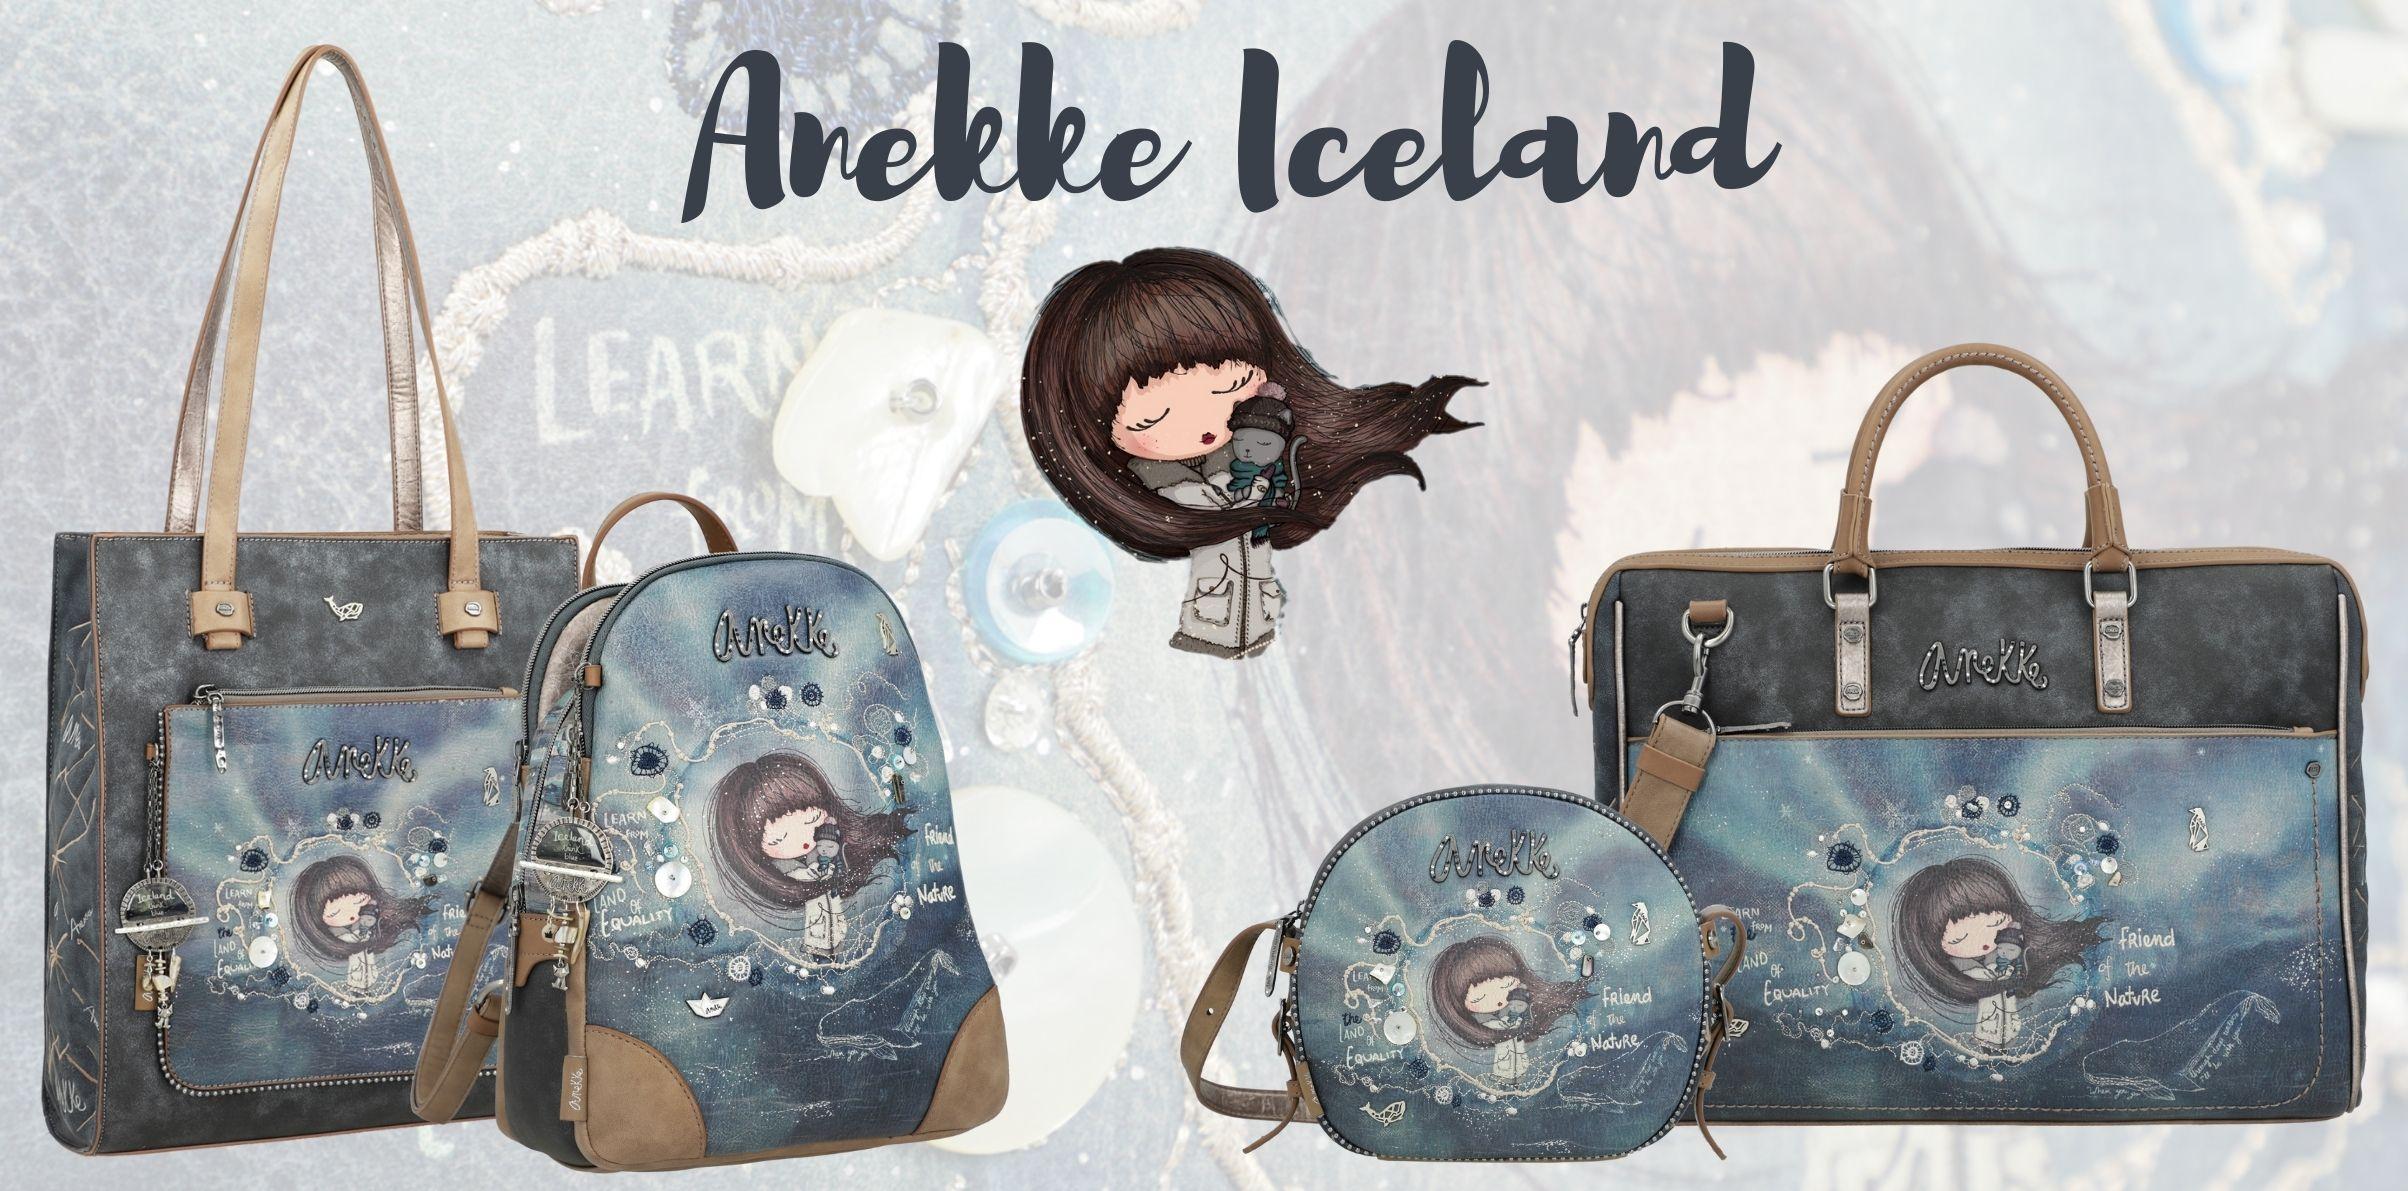 Anekke Iceland